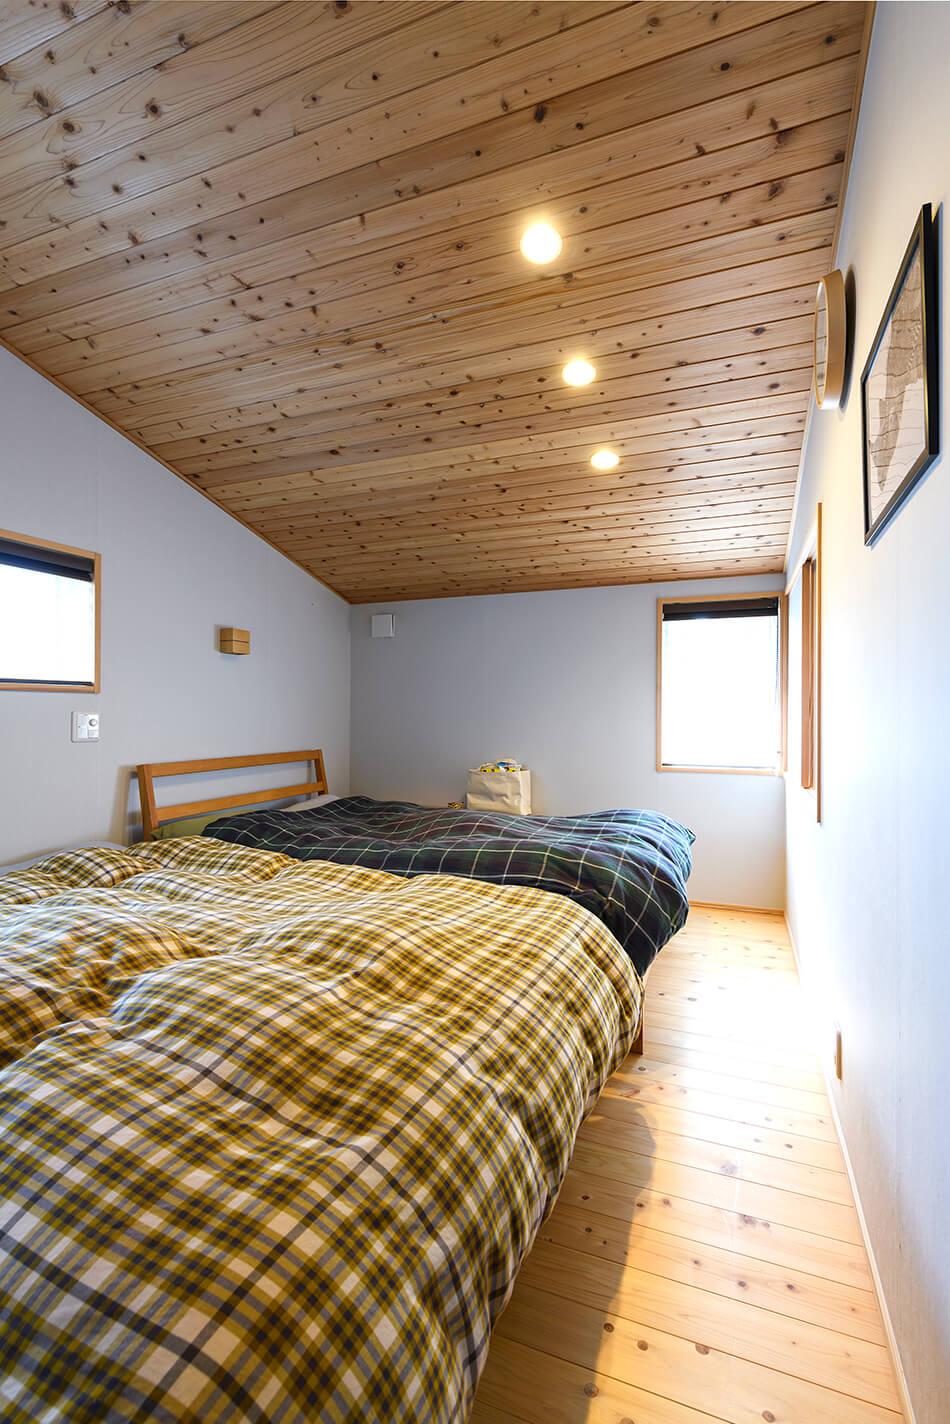 木の家|福岡の新築建築事例|2階建|4LDK|寝室|エコワークス|CASE-22|内観05